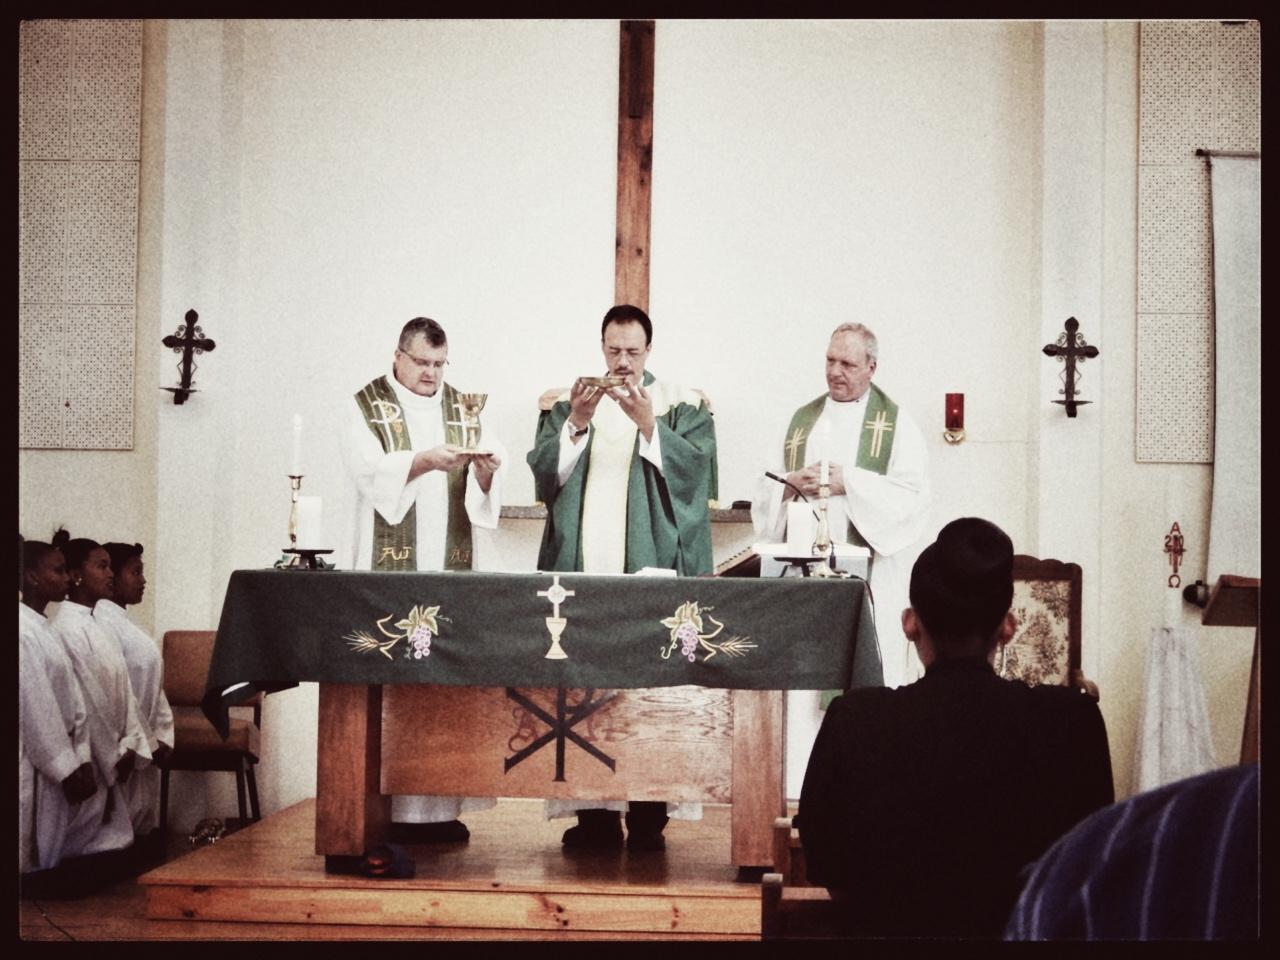 Misviering in de kerk van Robertson.